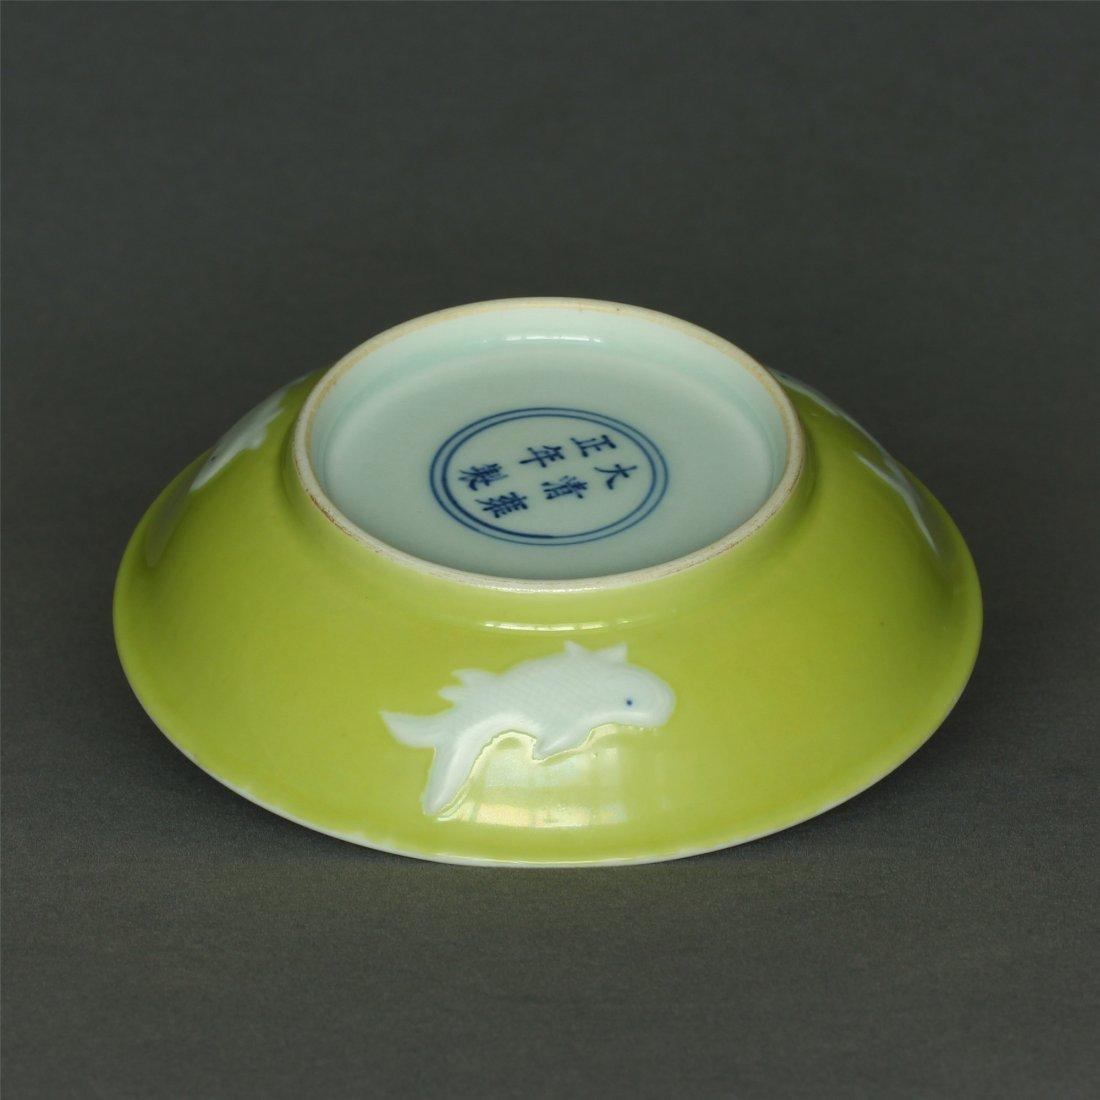 Lemon yellow glaze plate of Qing Dynasty YongZheng - 9